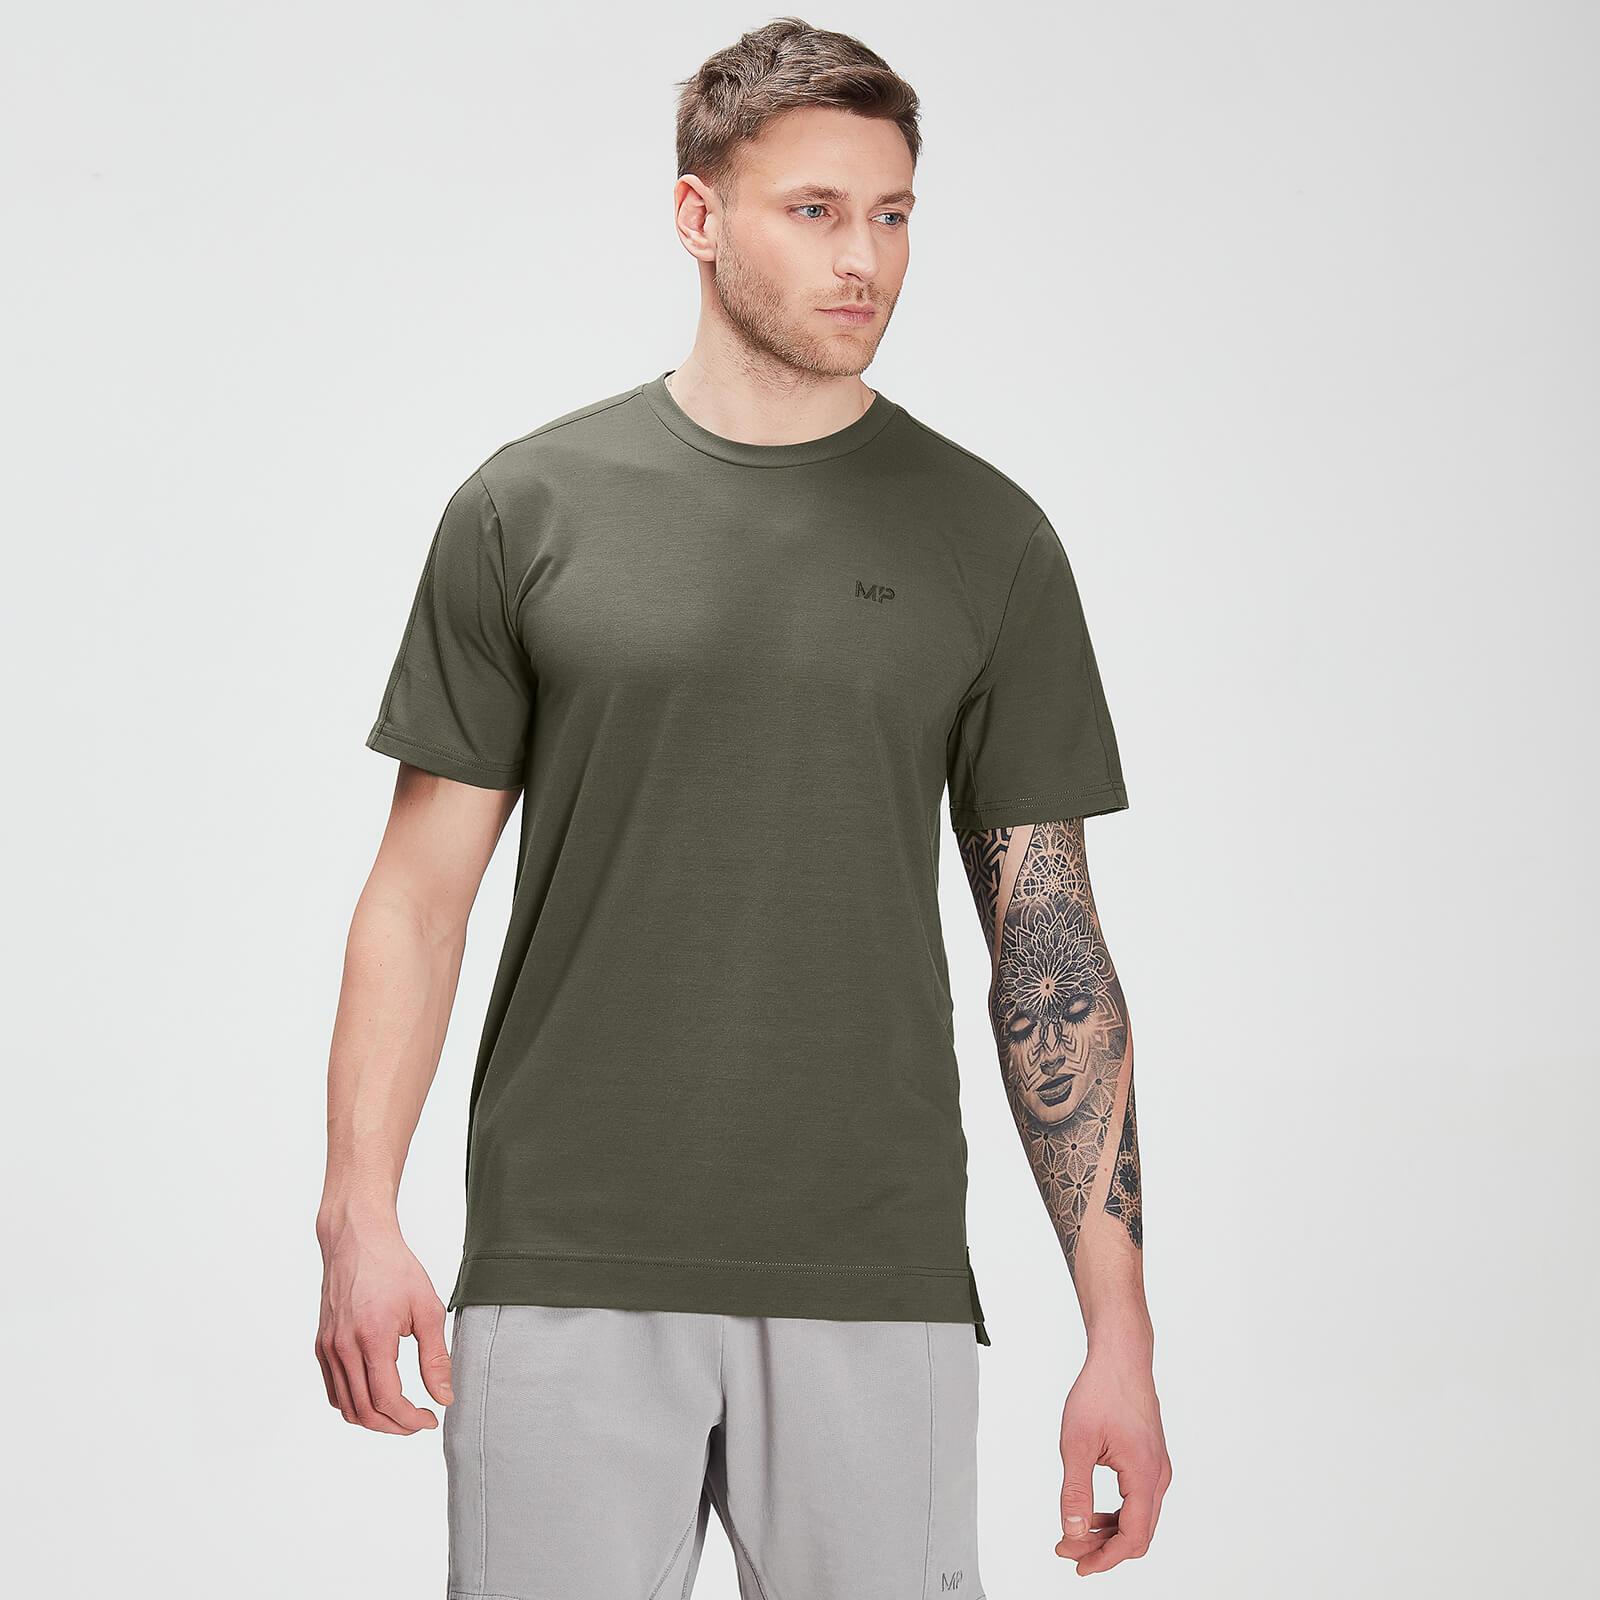 Купить MP Men's Raw Training drirelease® Short Sleeve T-shirt – Dark Olive - XXXL, Myprotein International